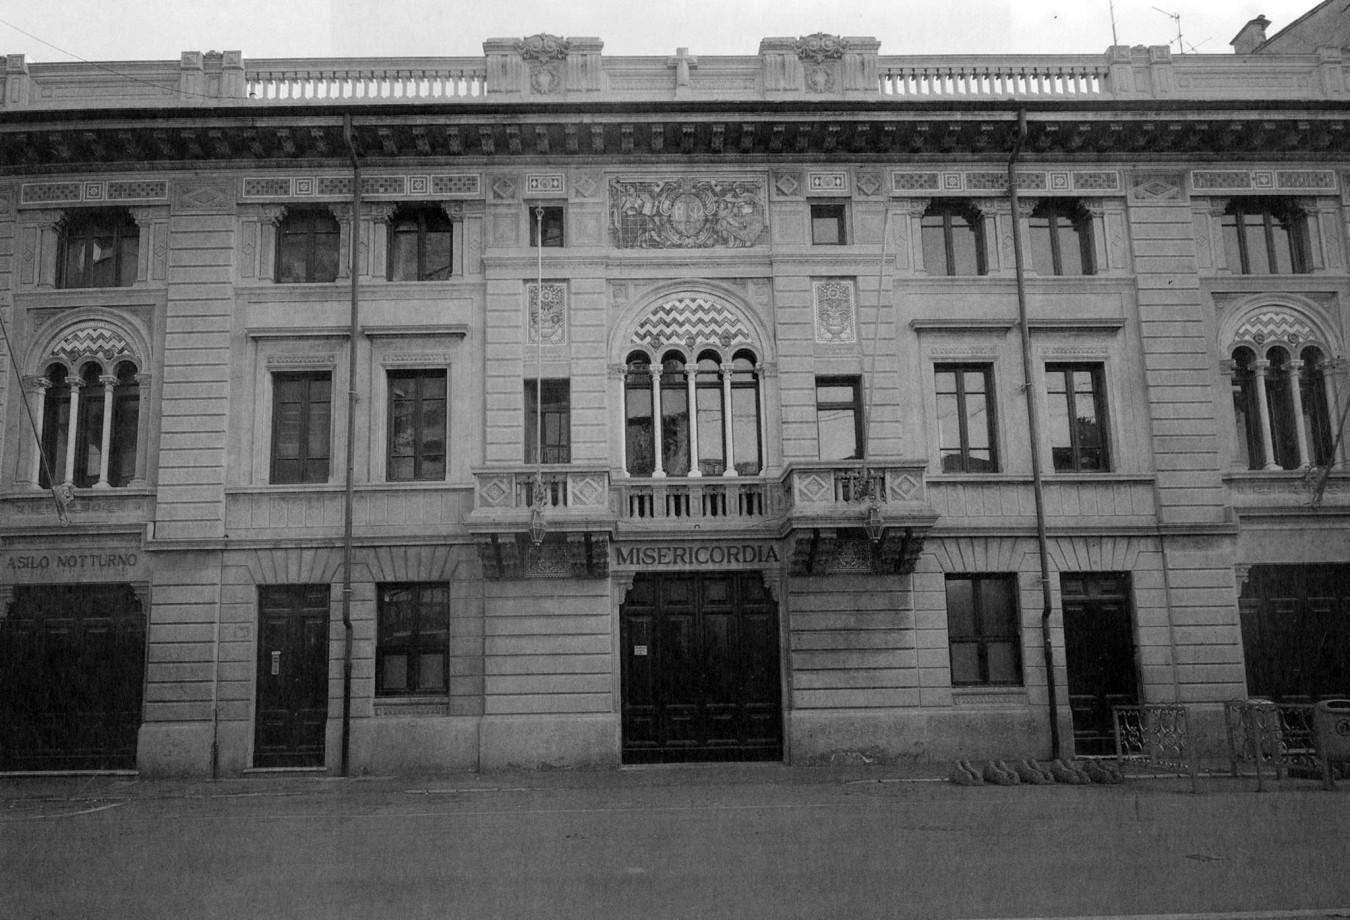 Storia delle associazioni d'Italia: la Misericordia di Viareggio